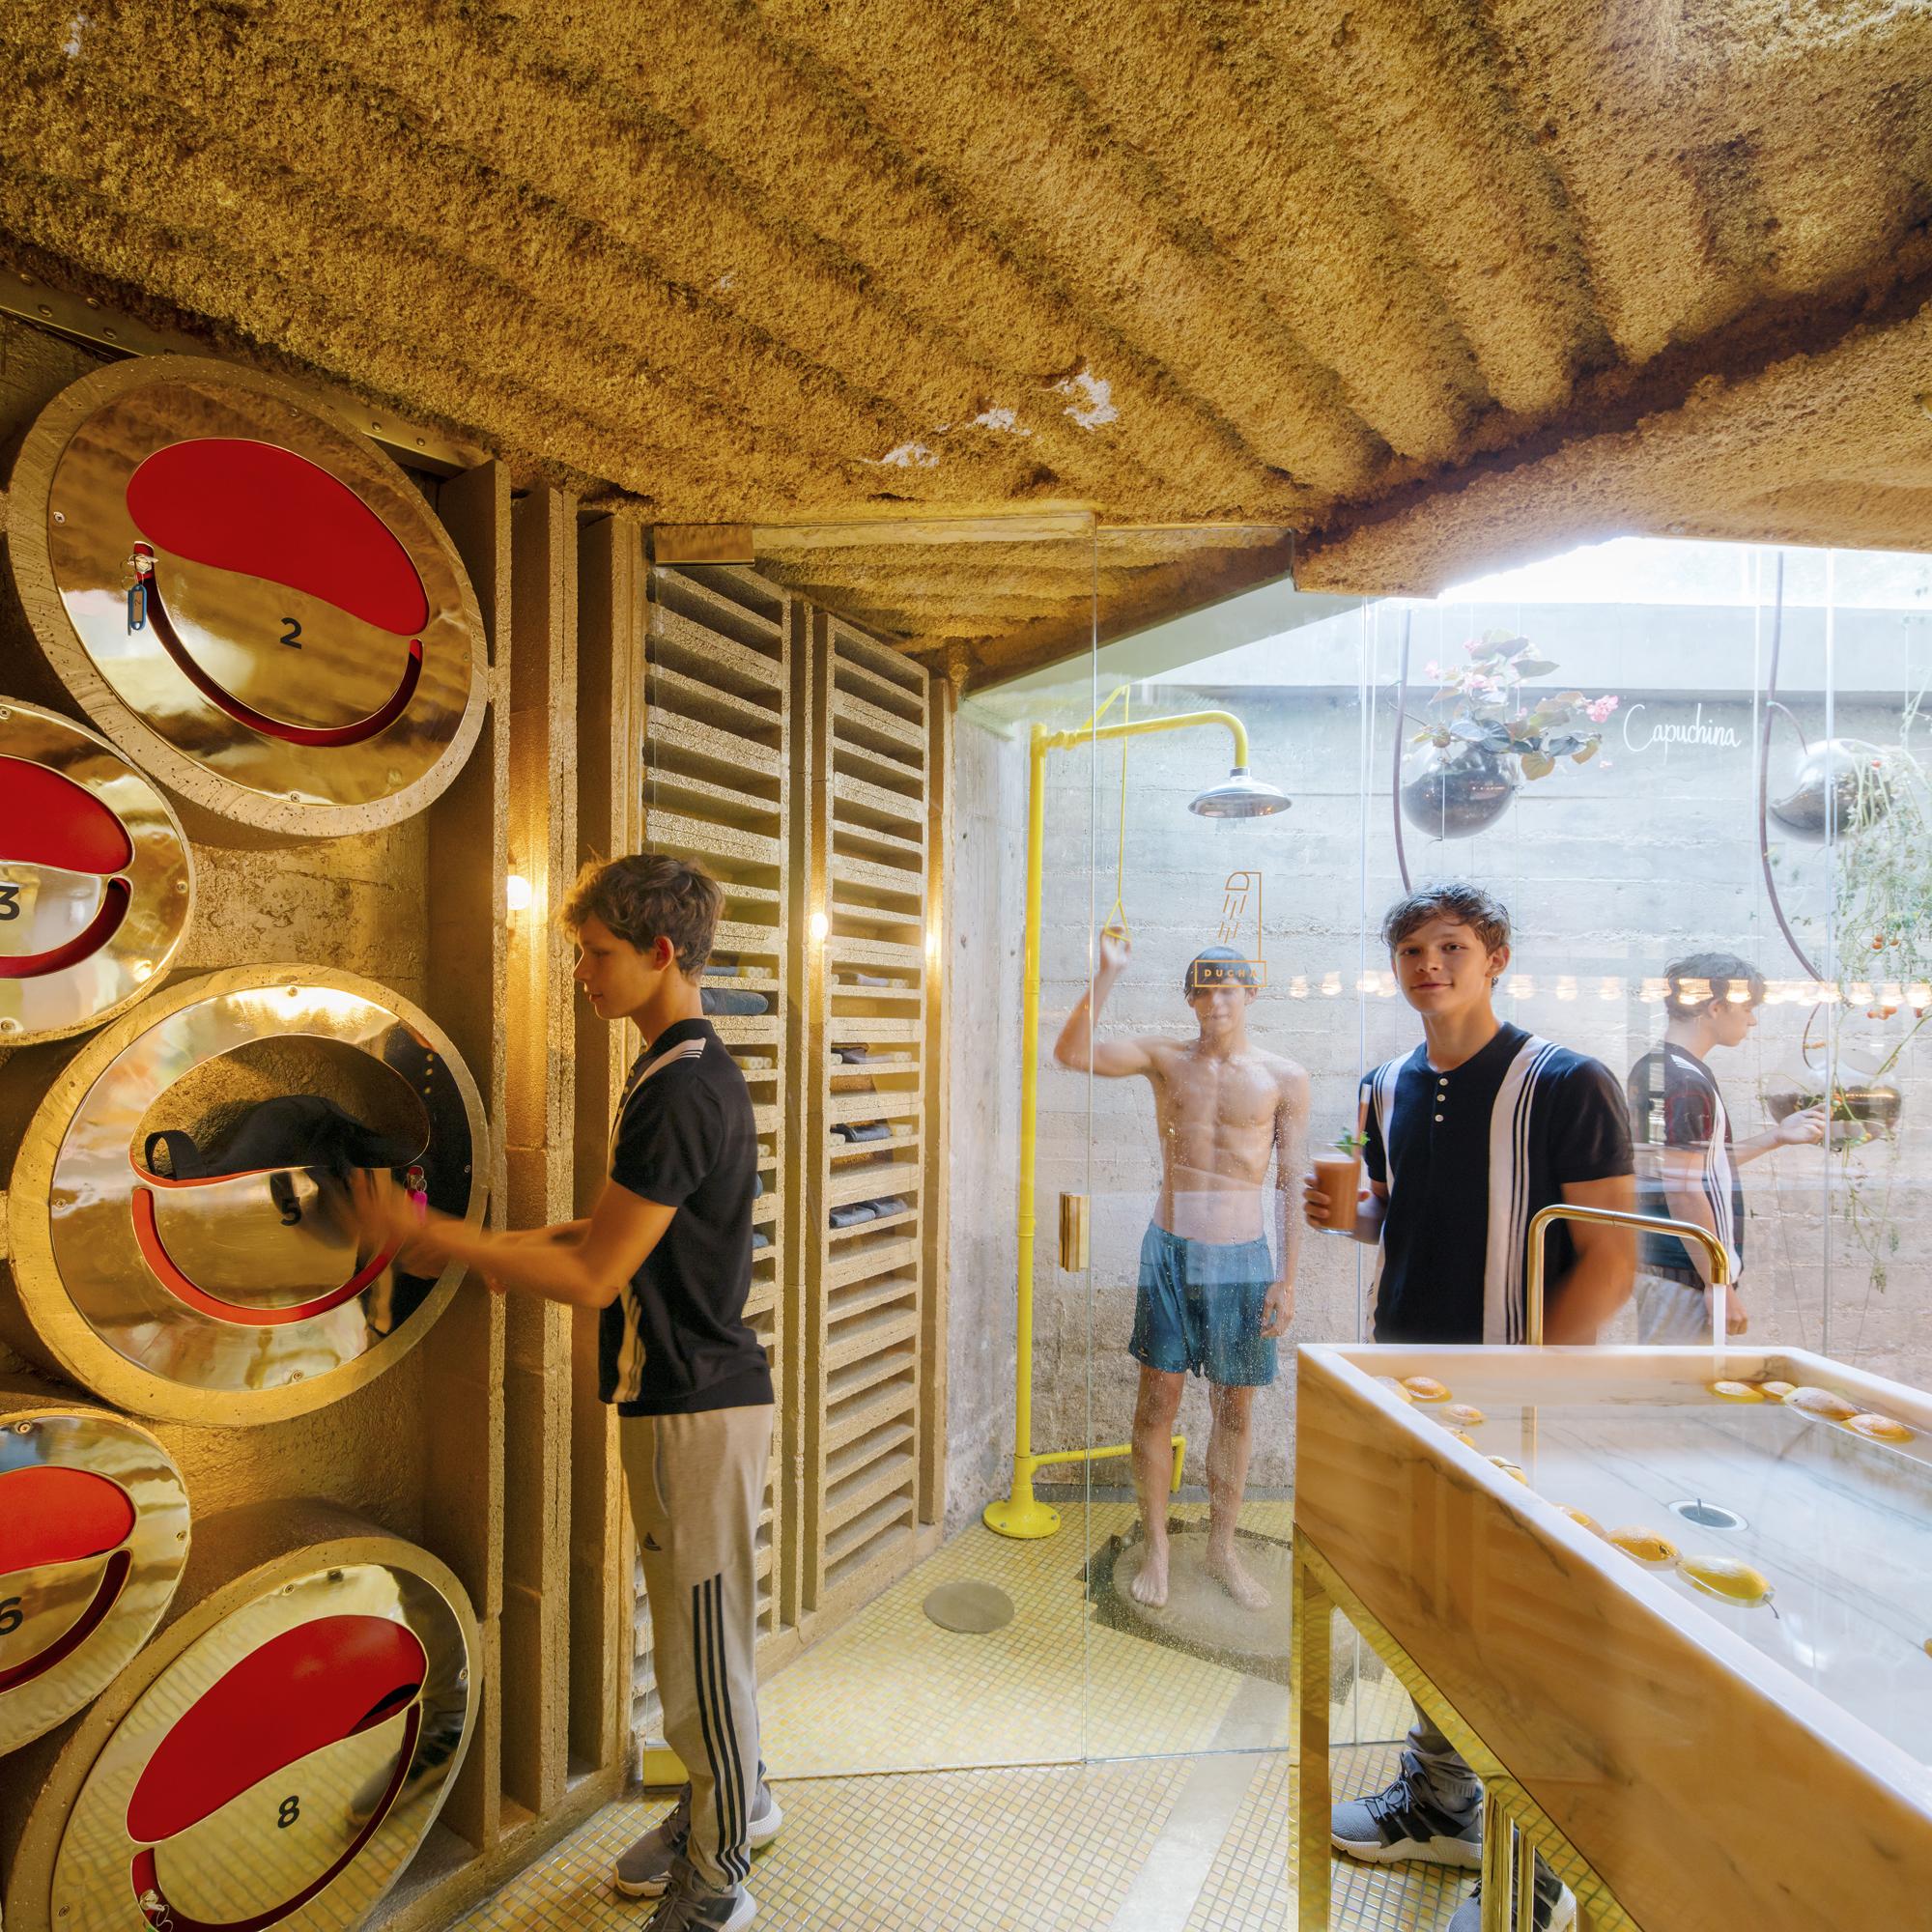 Umkleidekabinen und Duschen stehen ebenso bereit wie goldfarbene Schließfächer, um Alltagskleidung gegen Sportausrüstung einzutauschen und an einem sicheren Ort aufzubewahren. Foto: Miguel De Guzman